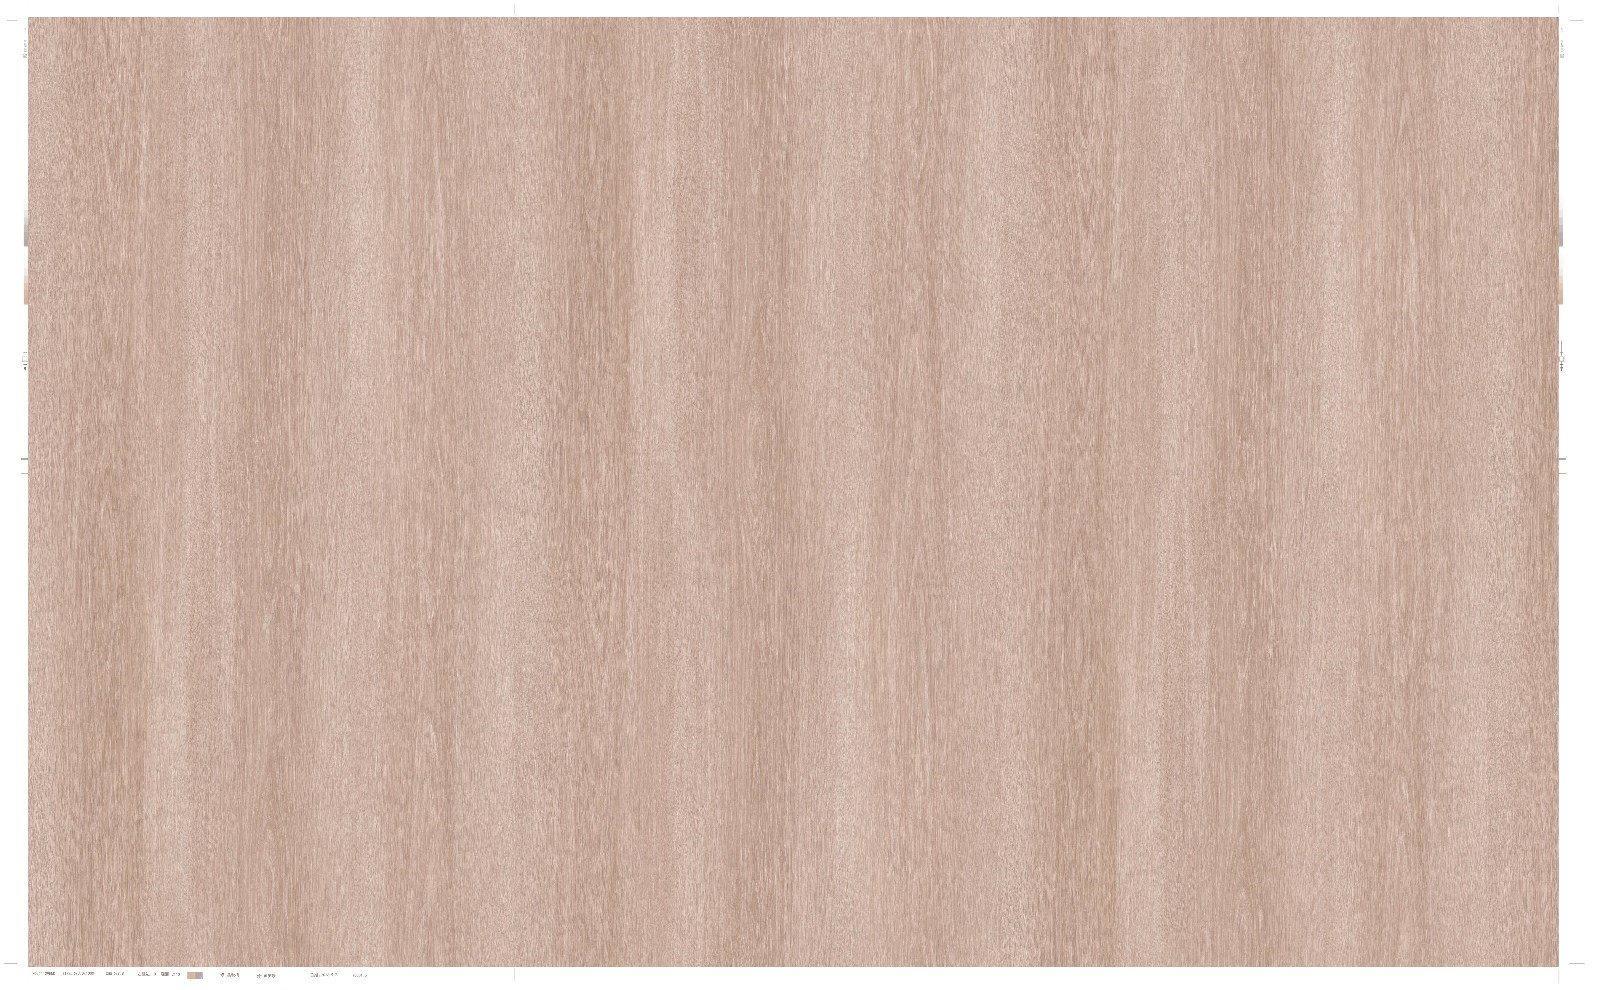 78104 decor paper 781121 78124 I.DECOR Decorative Material